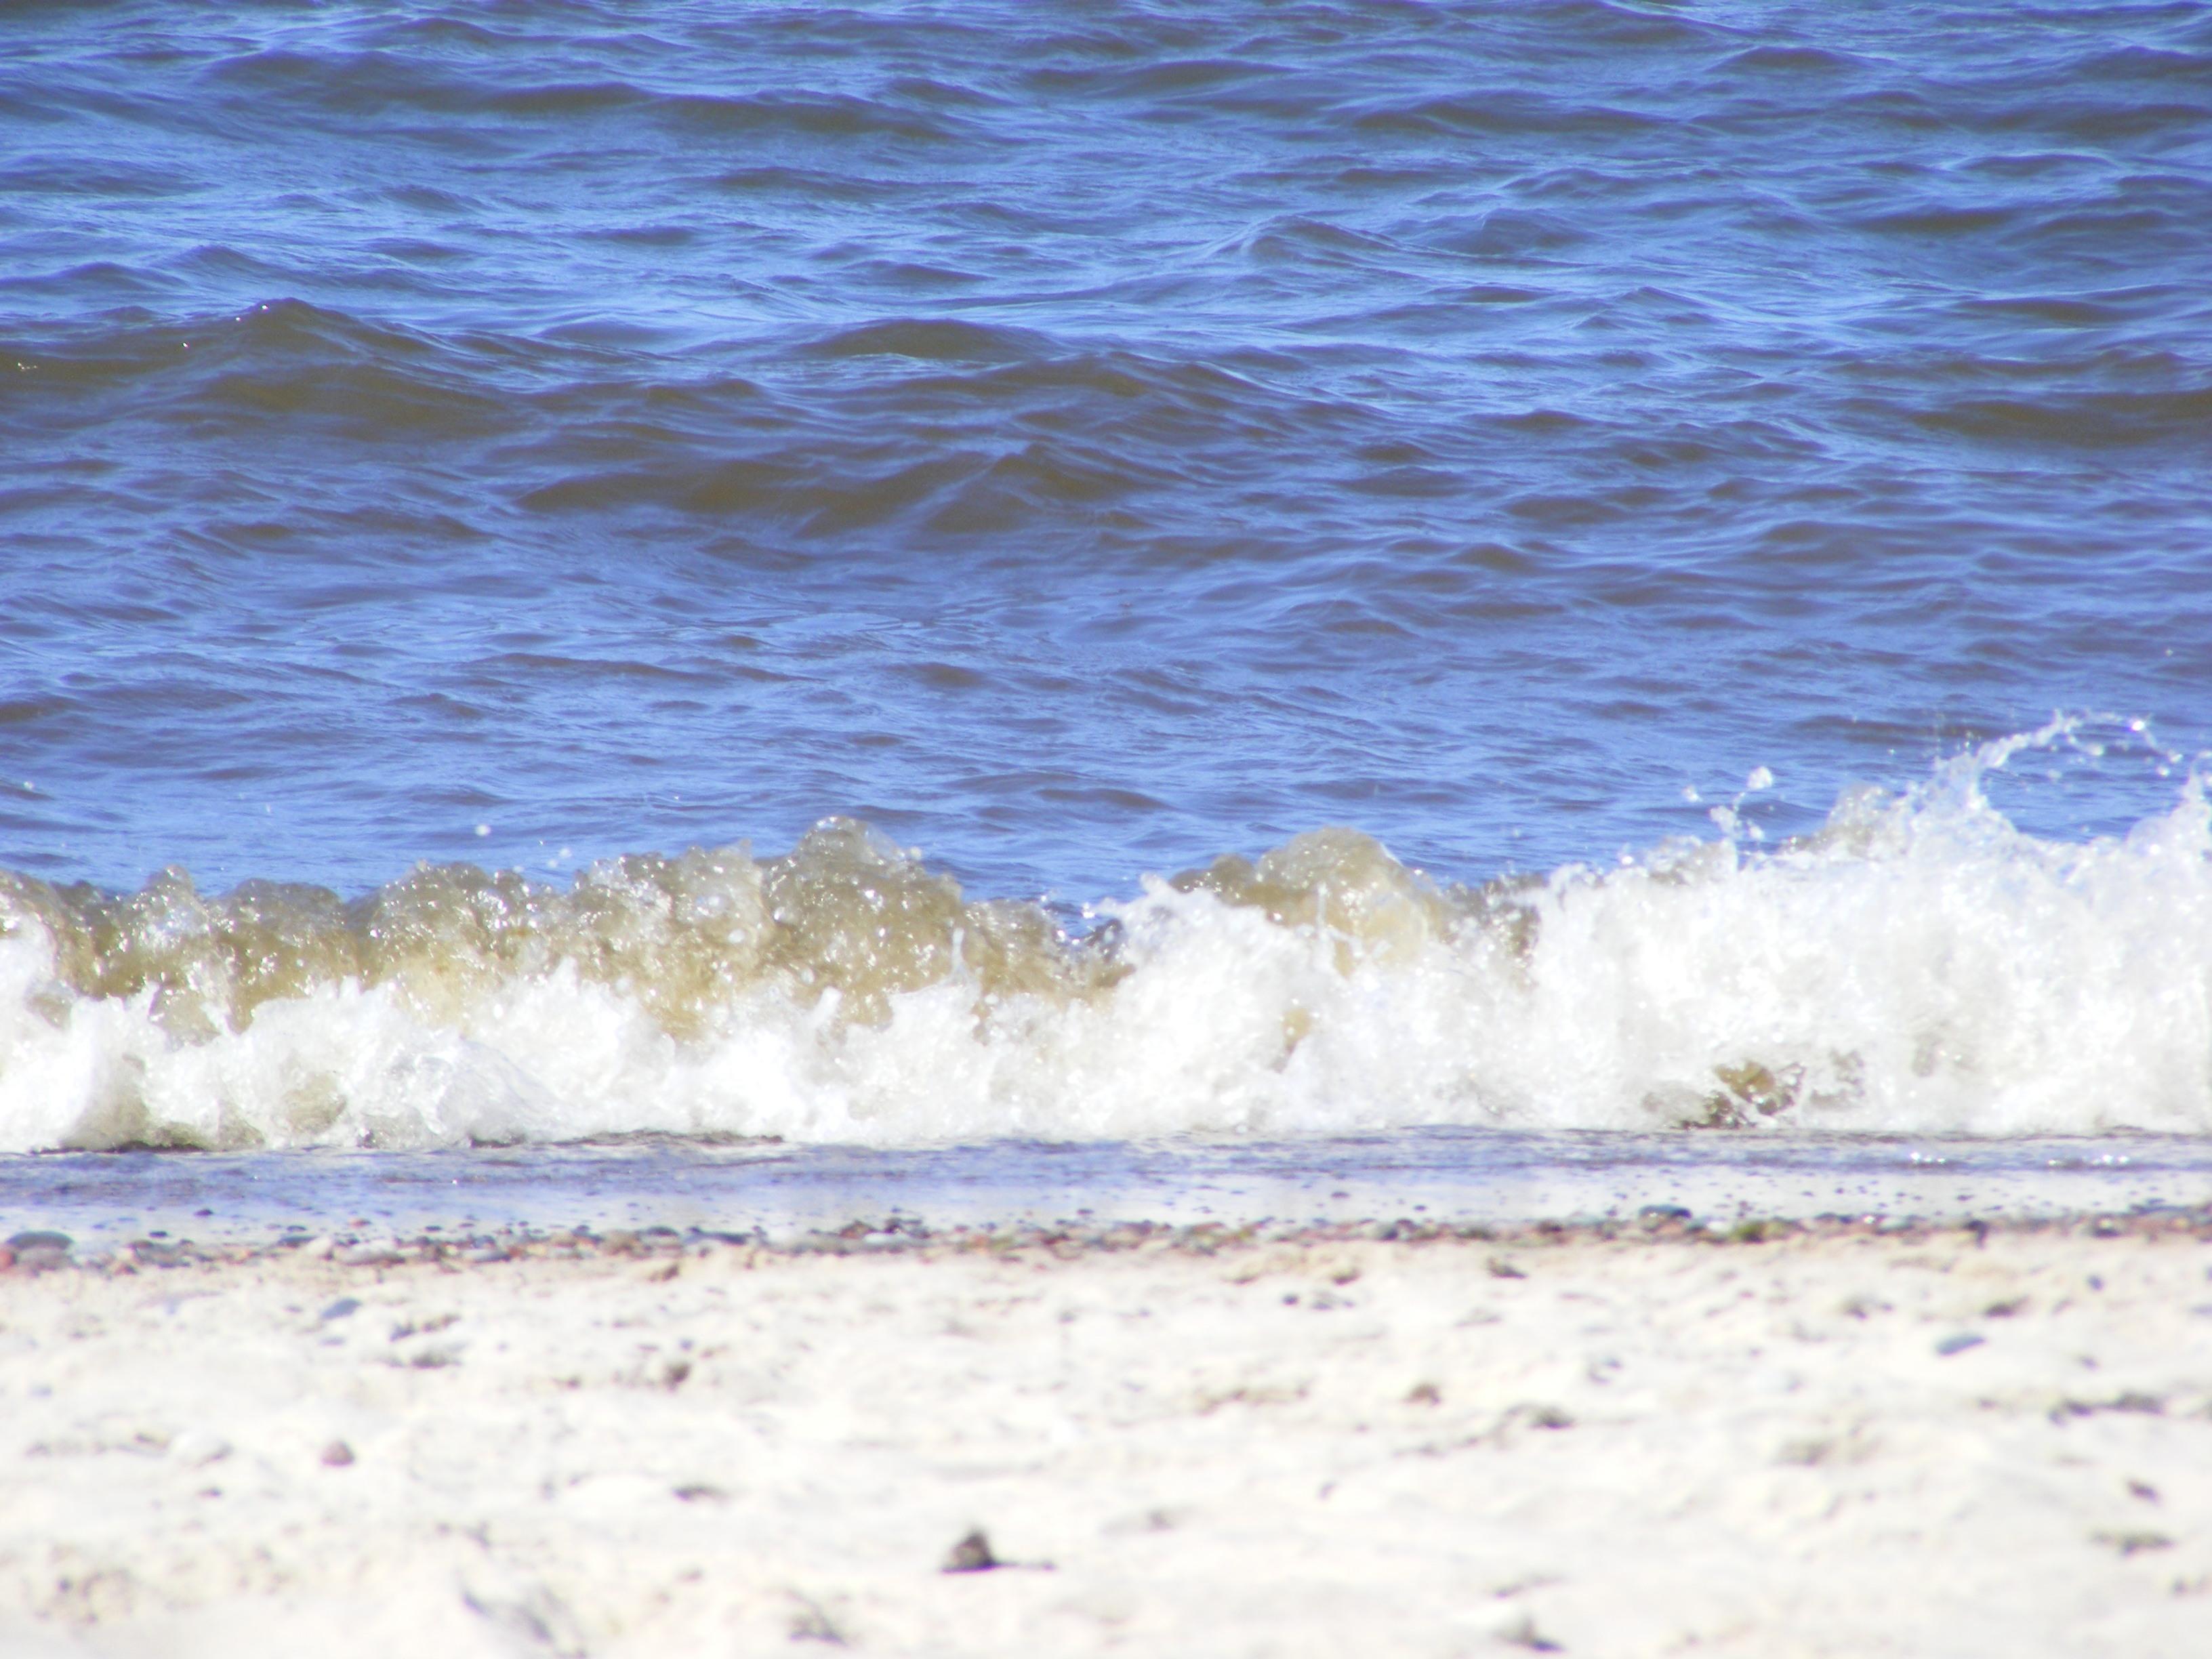 Wellen-an-der-Ostsee